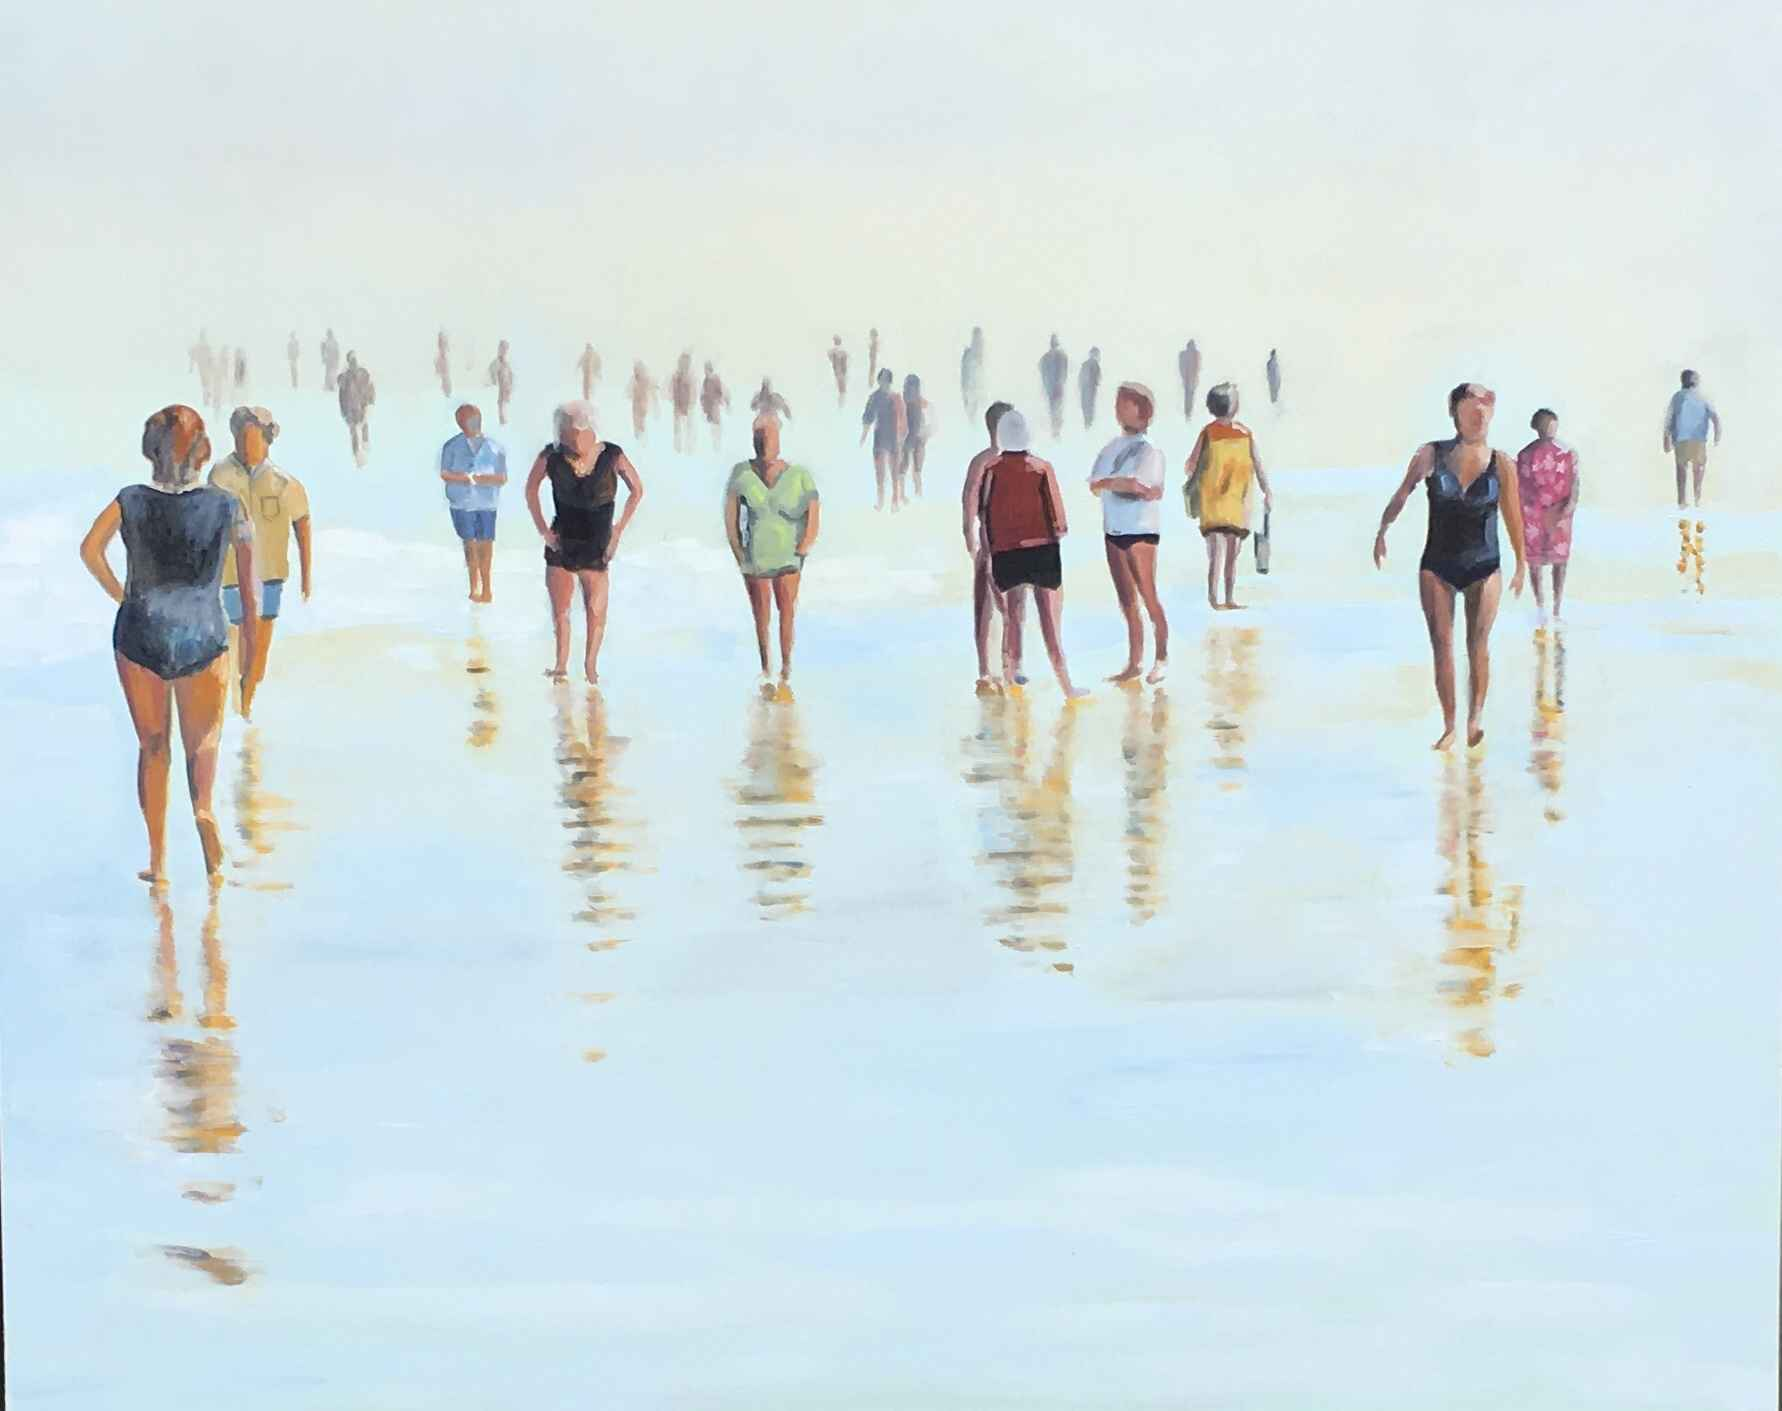 State Beach 2 by  Terry Crimmen - Masterpiece Online